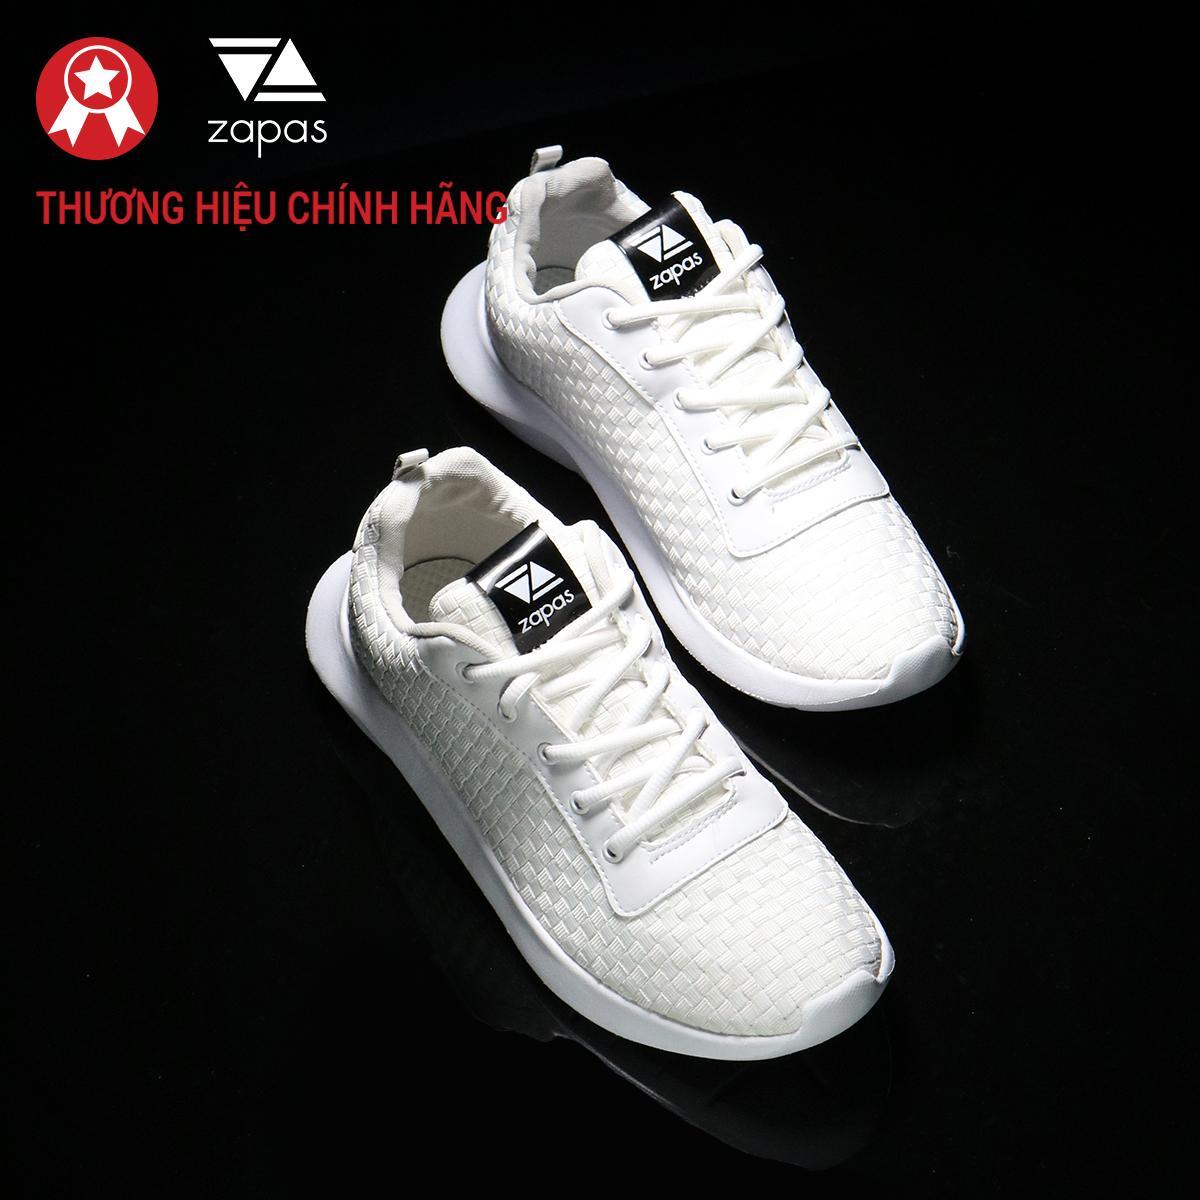 Giày Unisex Thể Thao Zapas Runner Đẹp ZR005 (Màu Trắng) Phong Cách Thời Trang Cá Tính